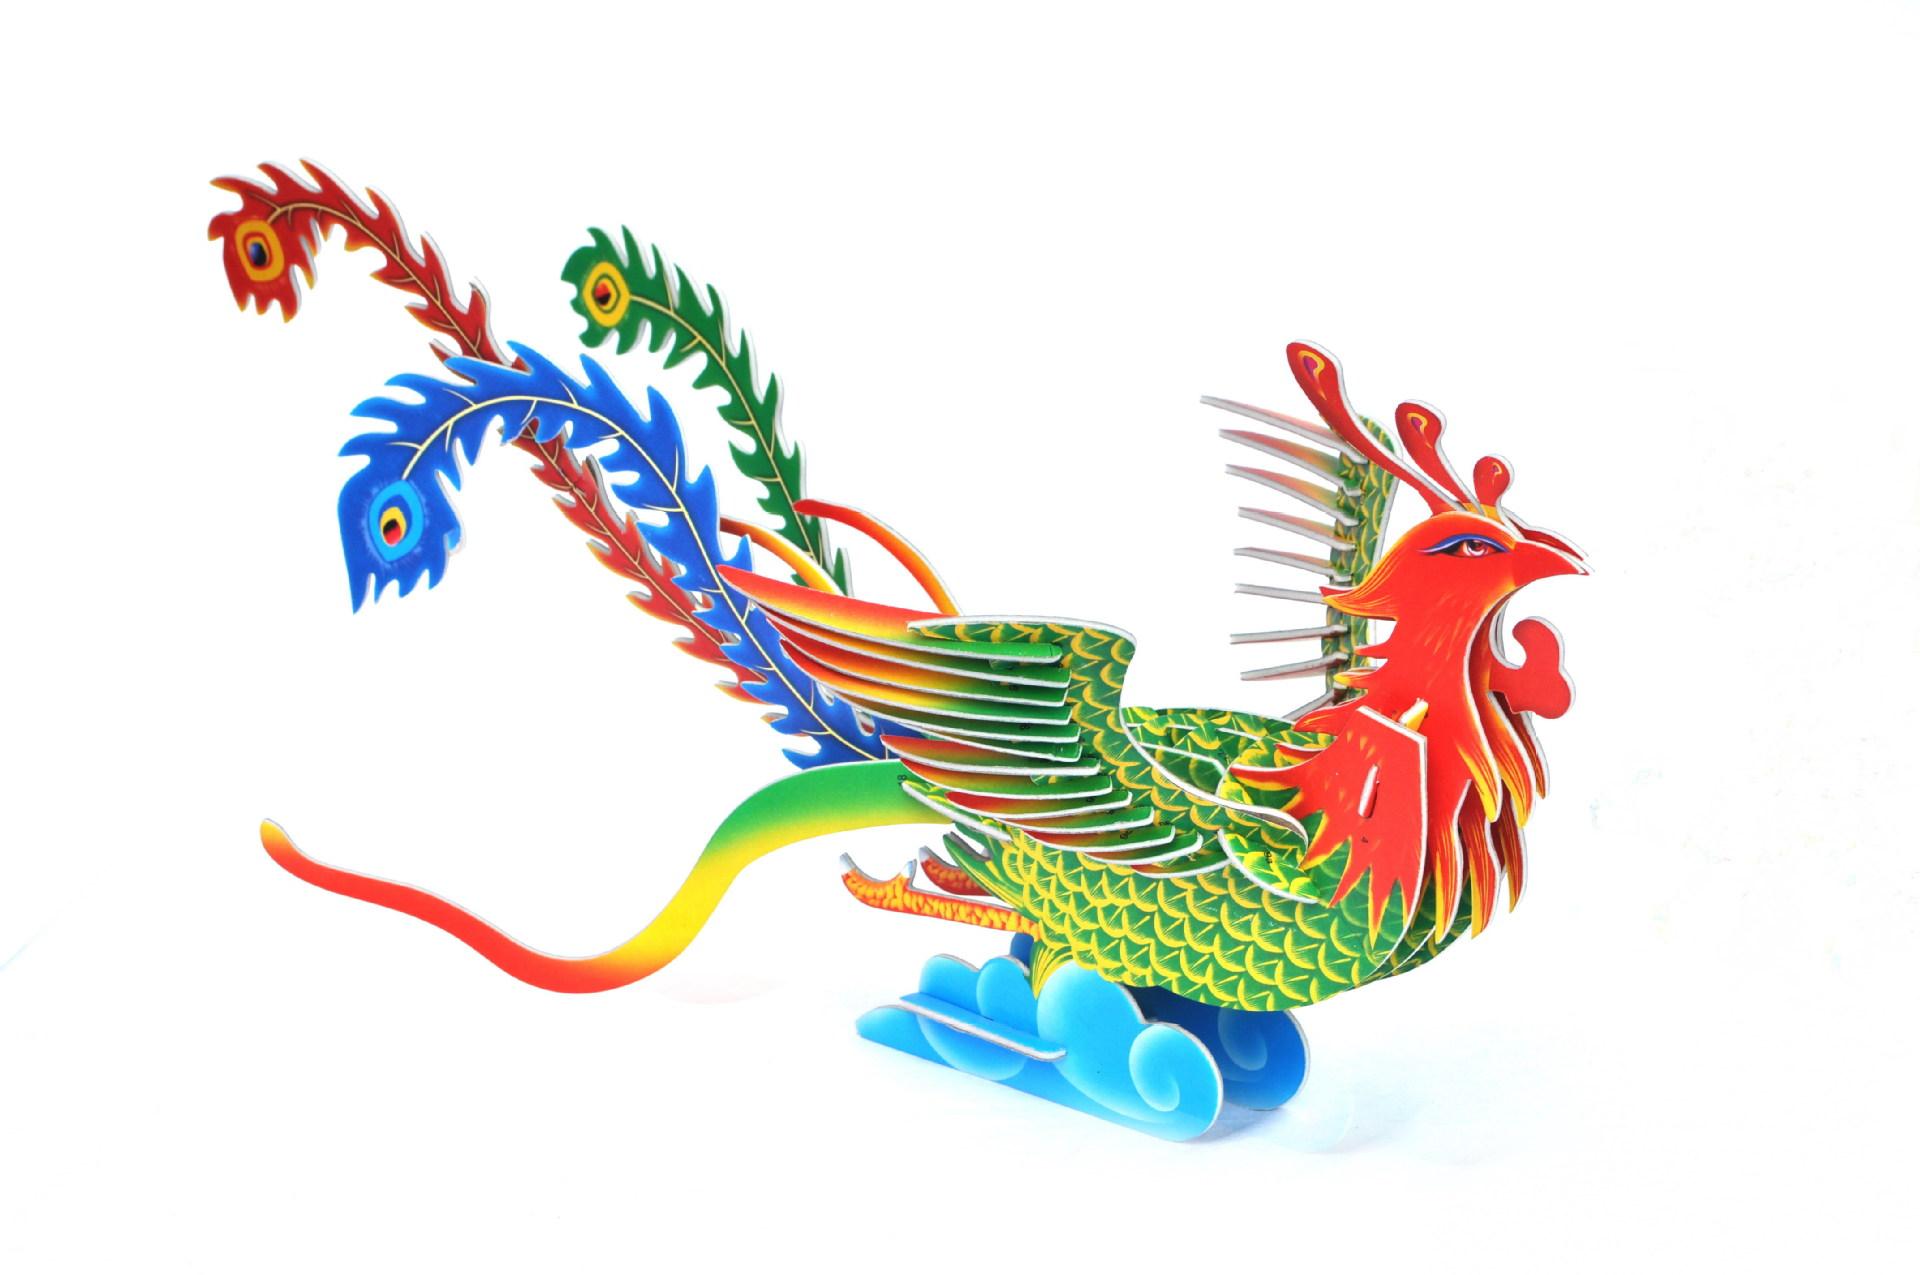 立体拼图批发 儿童diy手工益智玩具 动物凤凰纸质模型 送叫卖录音图片